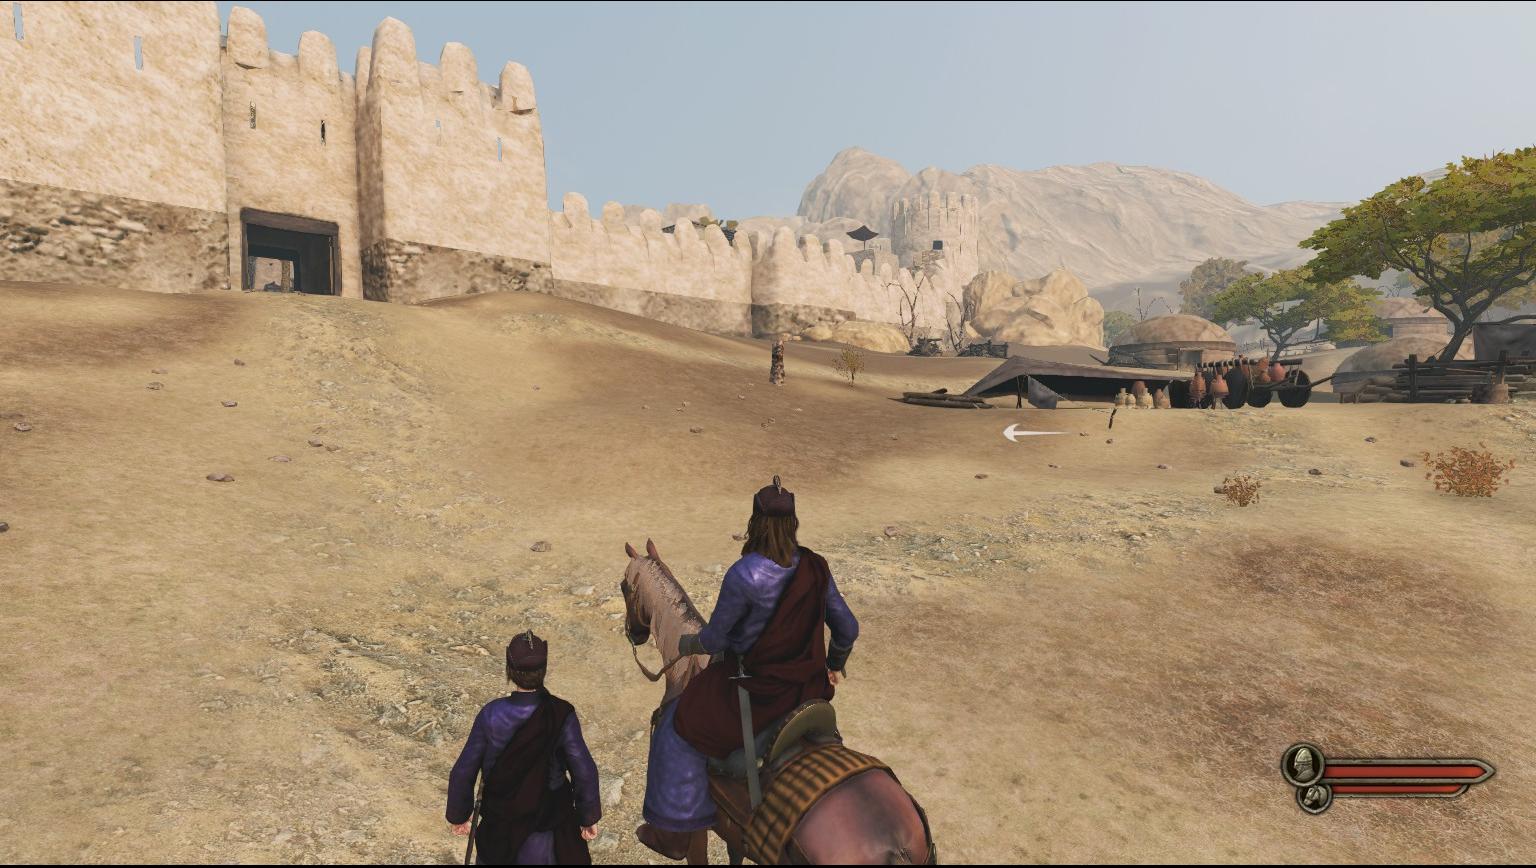 自带马匹进城[Enter Castle and Town with a Horse]